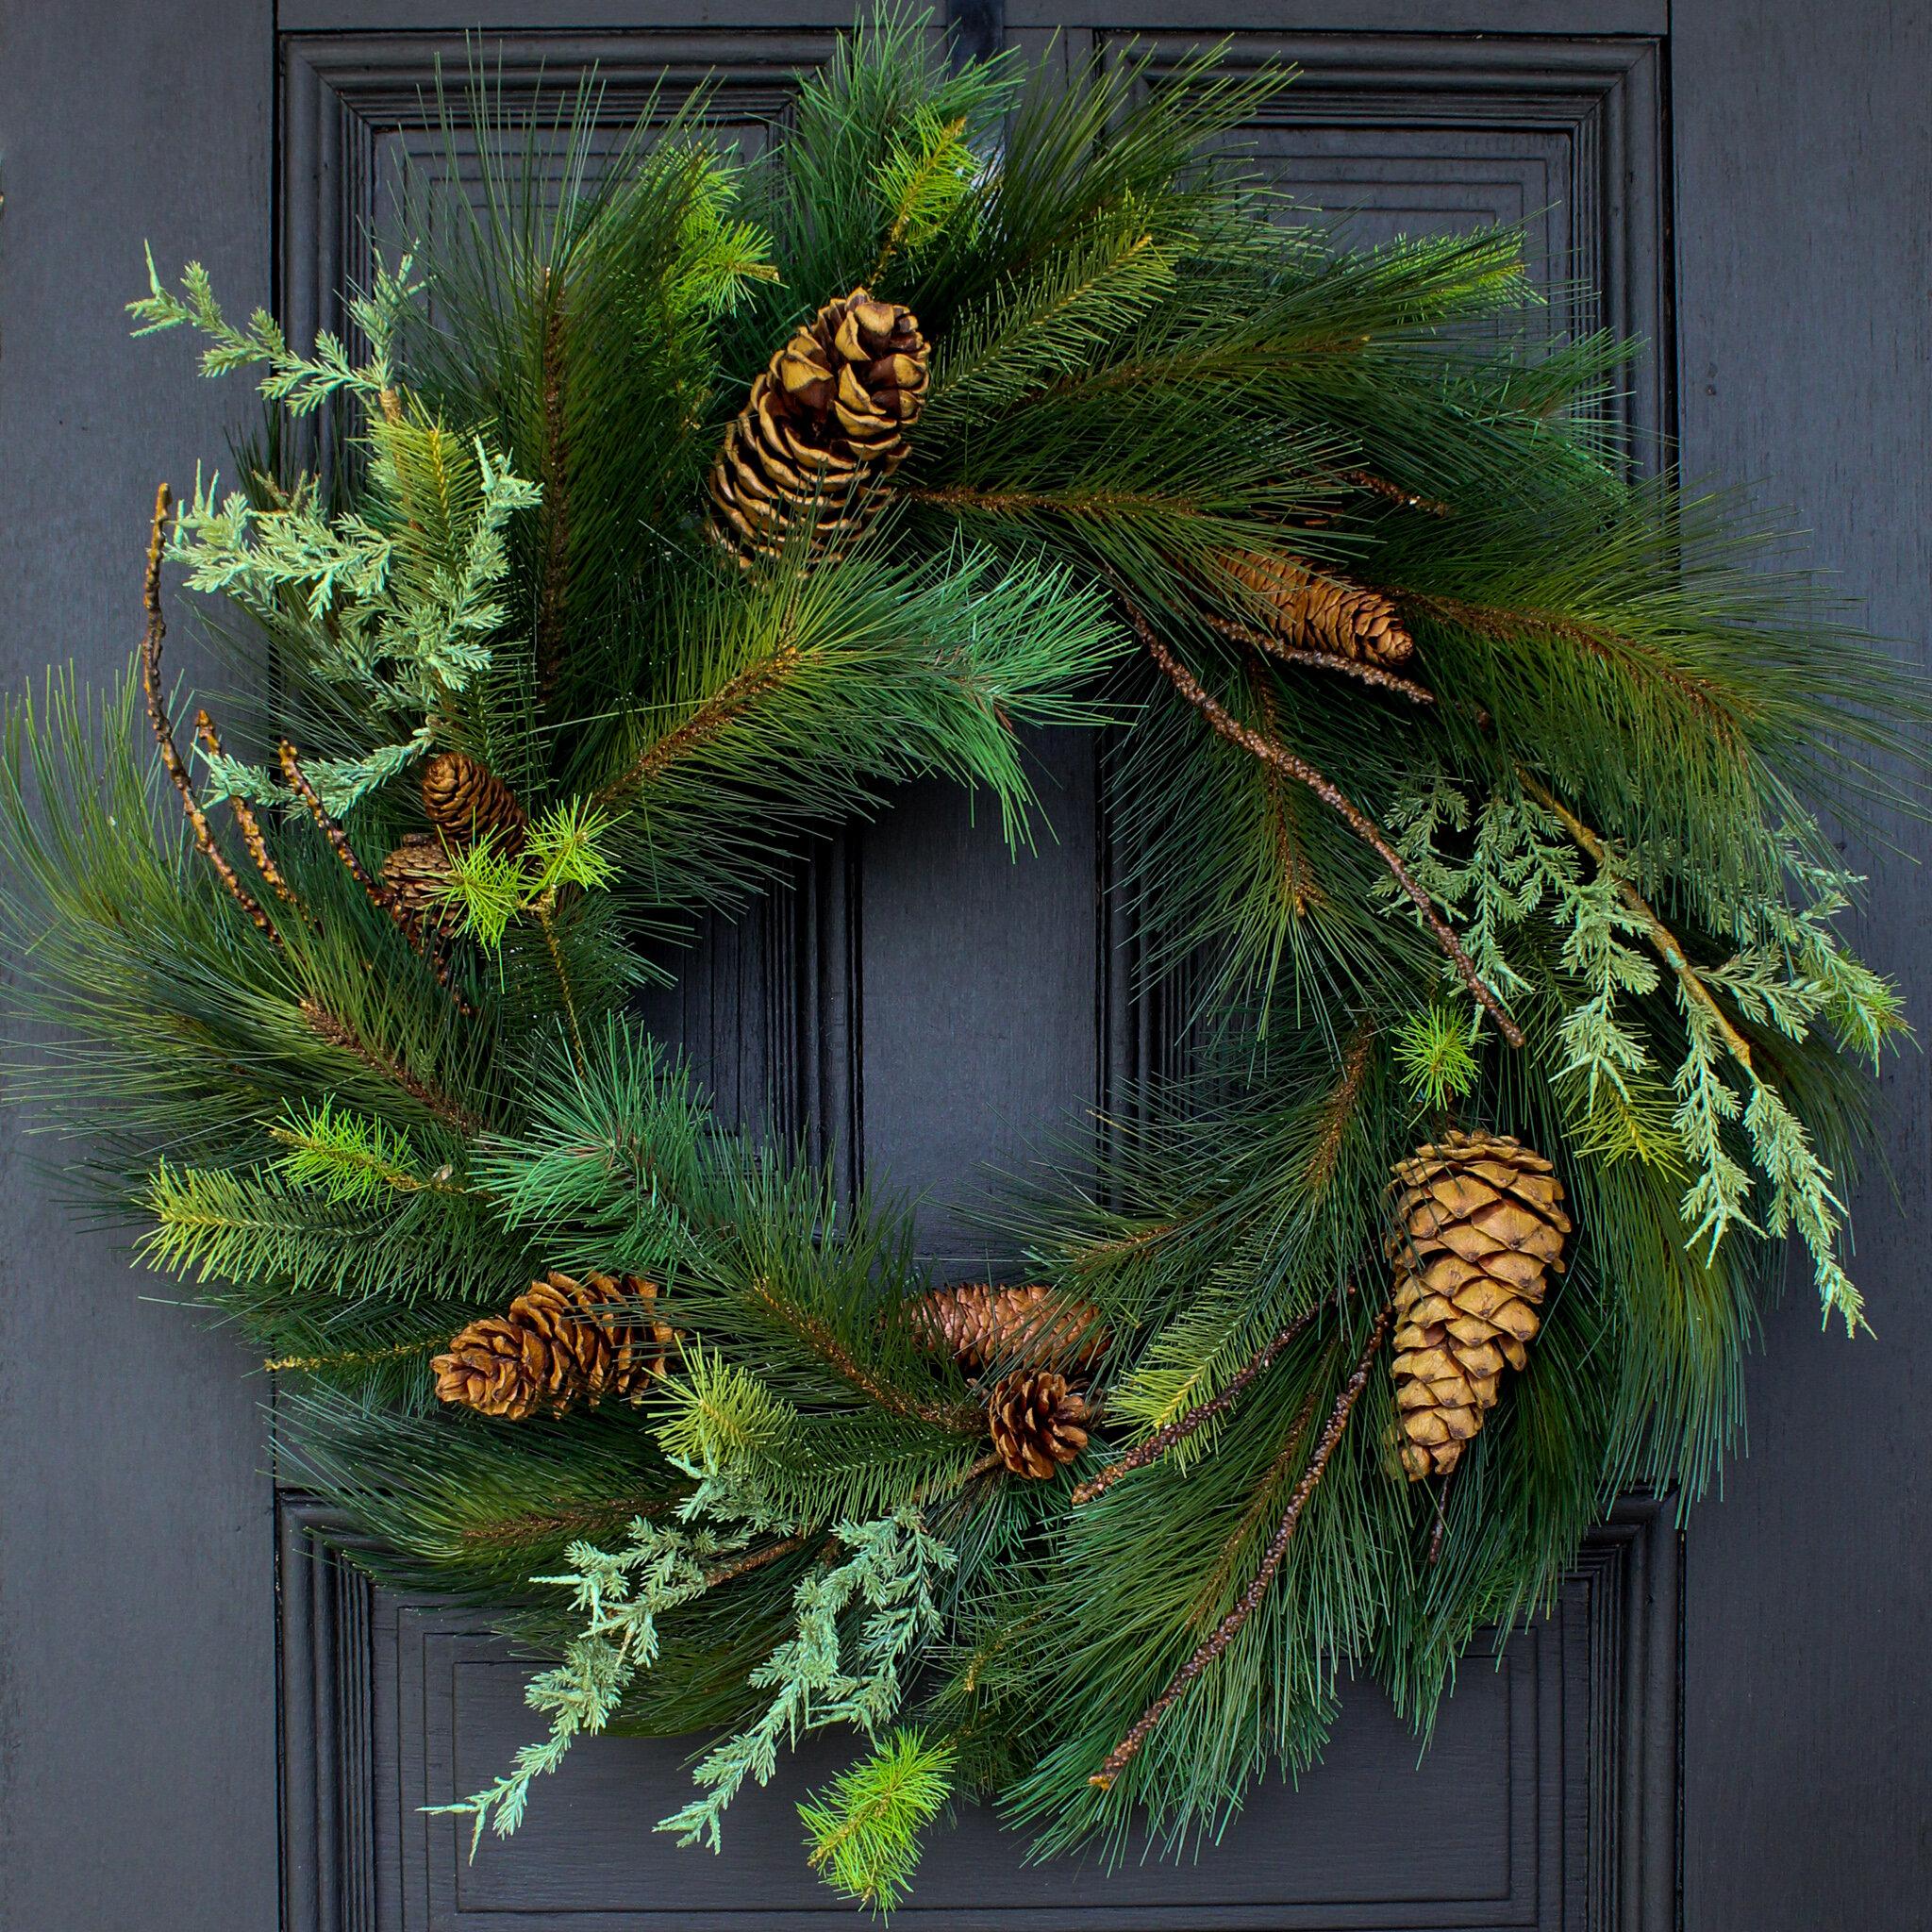 Winter Wreath-Christmas Wreath-Cedar Wreath-Large CEDAR Door Wreath Christmas Home Decor-Holiday Home Decor-Housewarming-Outdoor Wreath